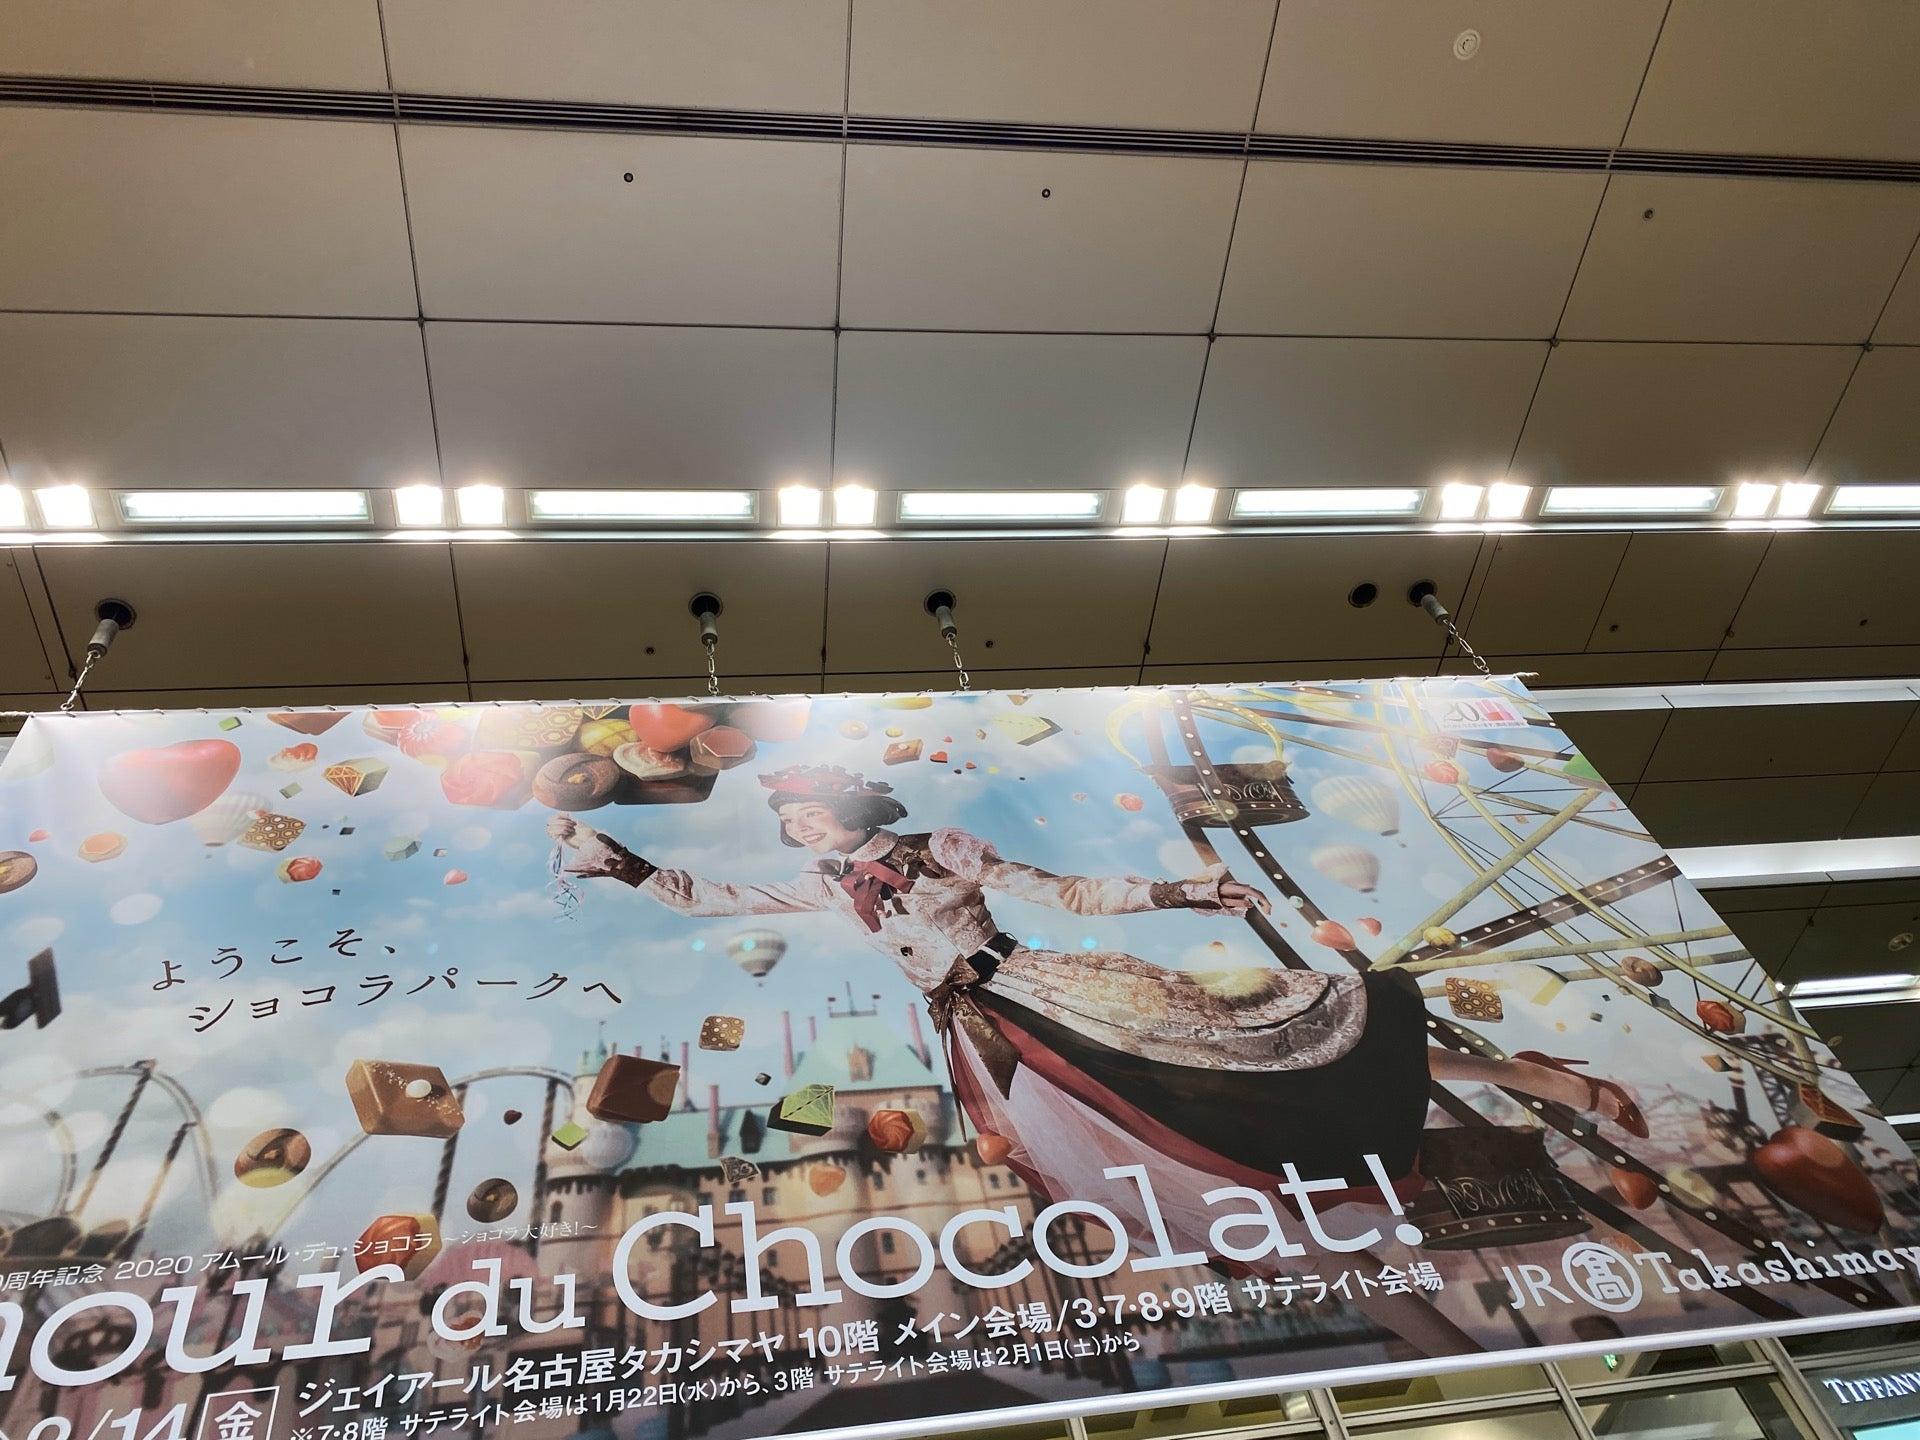 地下のファッションワンにけっこうな行列が出来てた。そろそろ本当に混んできてるのかな。 (@ ジェイアール名古屋タカシマヤ - @takashimaya_web in Nagoya, 愛知県) https://t.co/GlZe9EI9z7 https://t.co/83eric58Xc